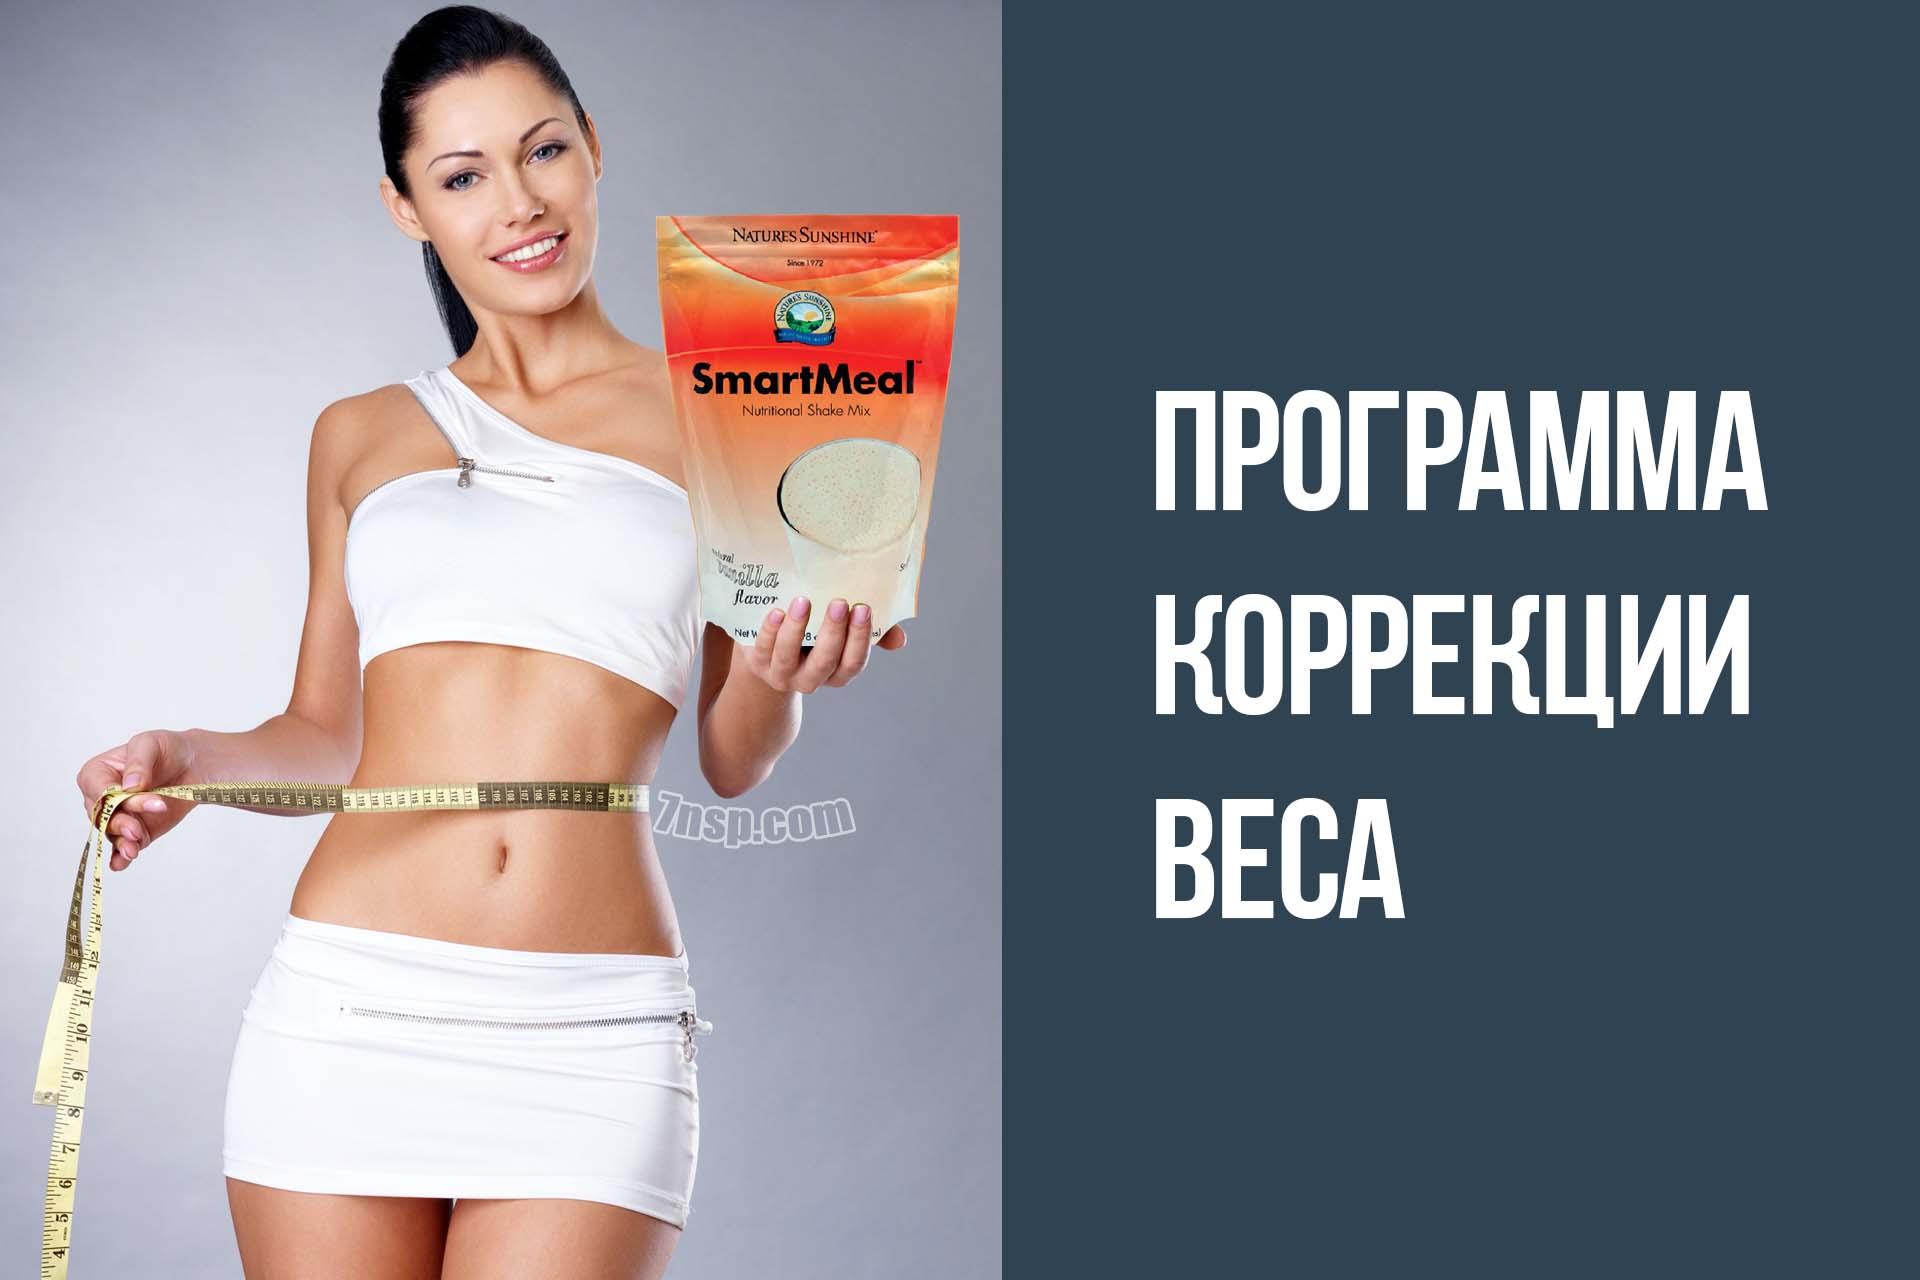 Программа Коррекции Веса НСП, диета без вреда для здоровья